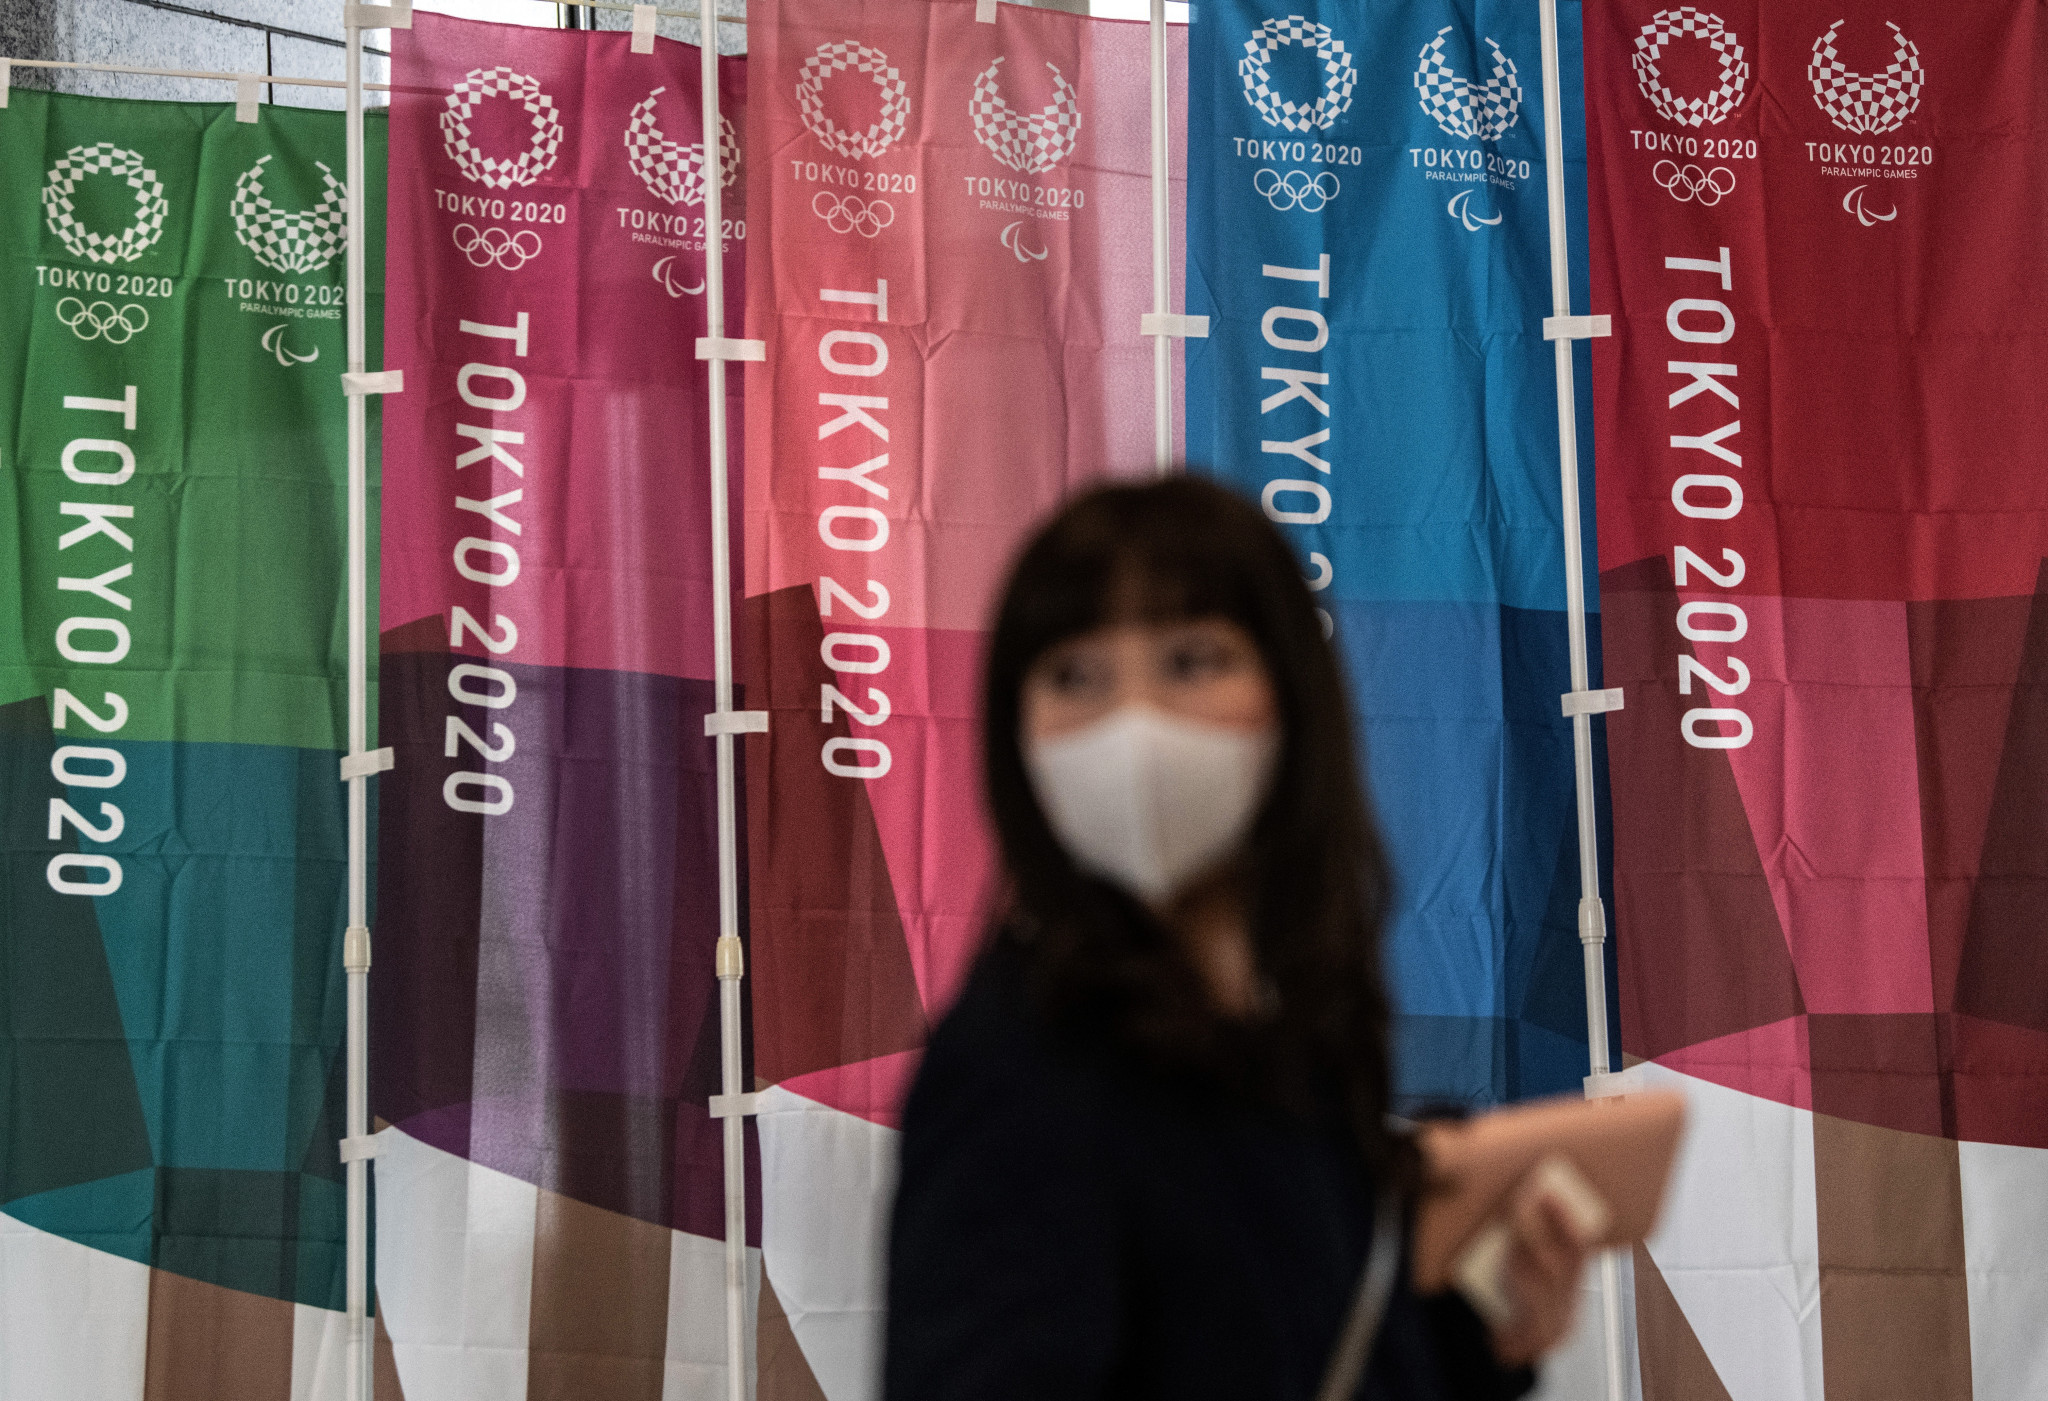 Asesor del Gobierno espera aumento de COVID-19 relacionado con Tokio 2021